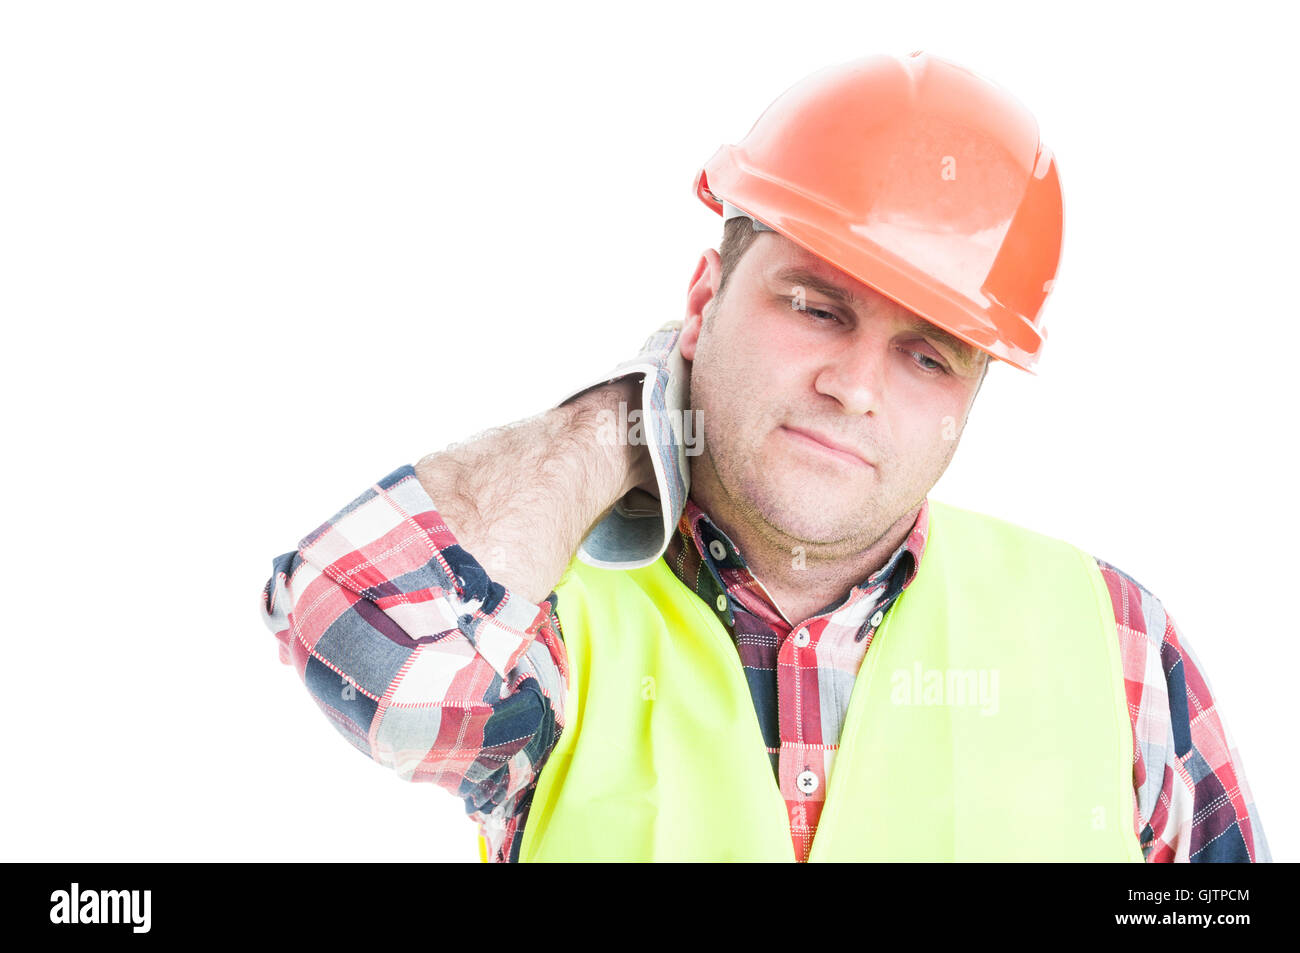 Travailleur de la construction à la fatigue ou de la douleur au cou tendu et avoir isolé sur fond blanc Photo Stock